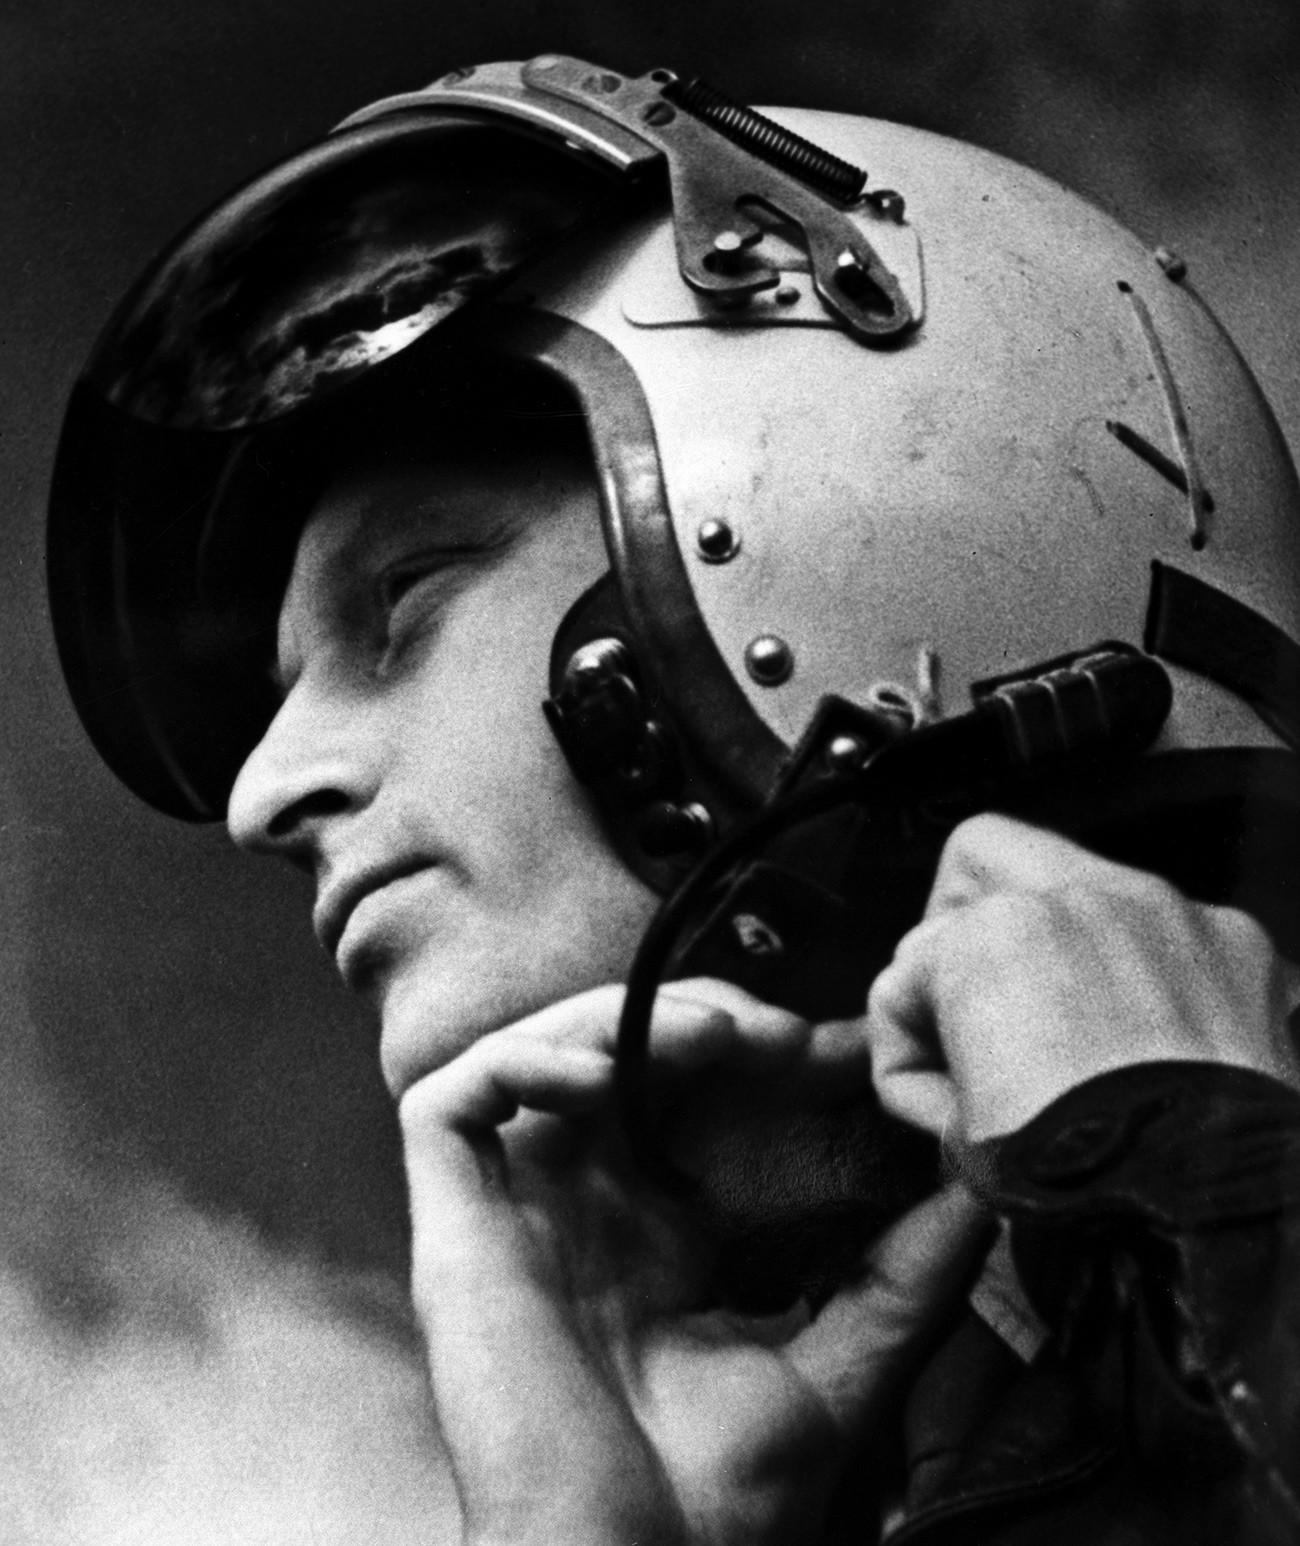 Der Sohn des legendären sowjetischen Flugzeugkonstrukteurs und Testpiloten Wladimir Iljuschin